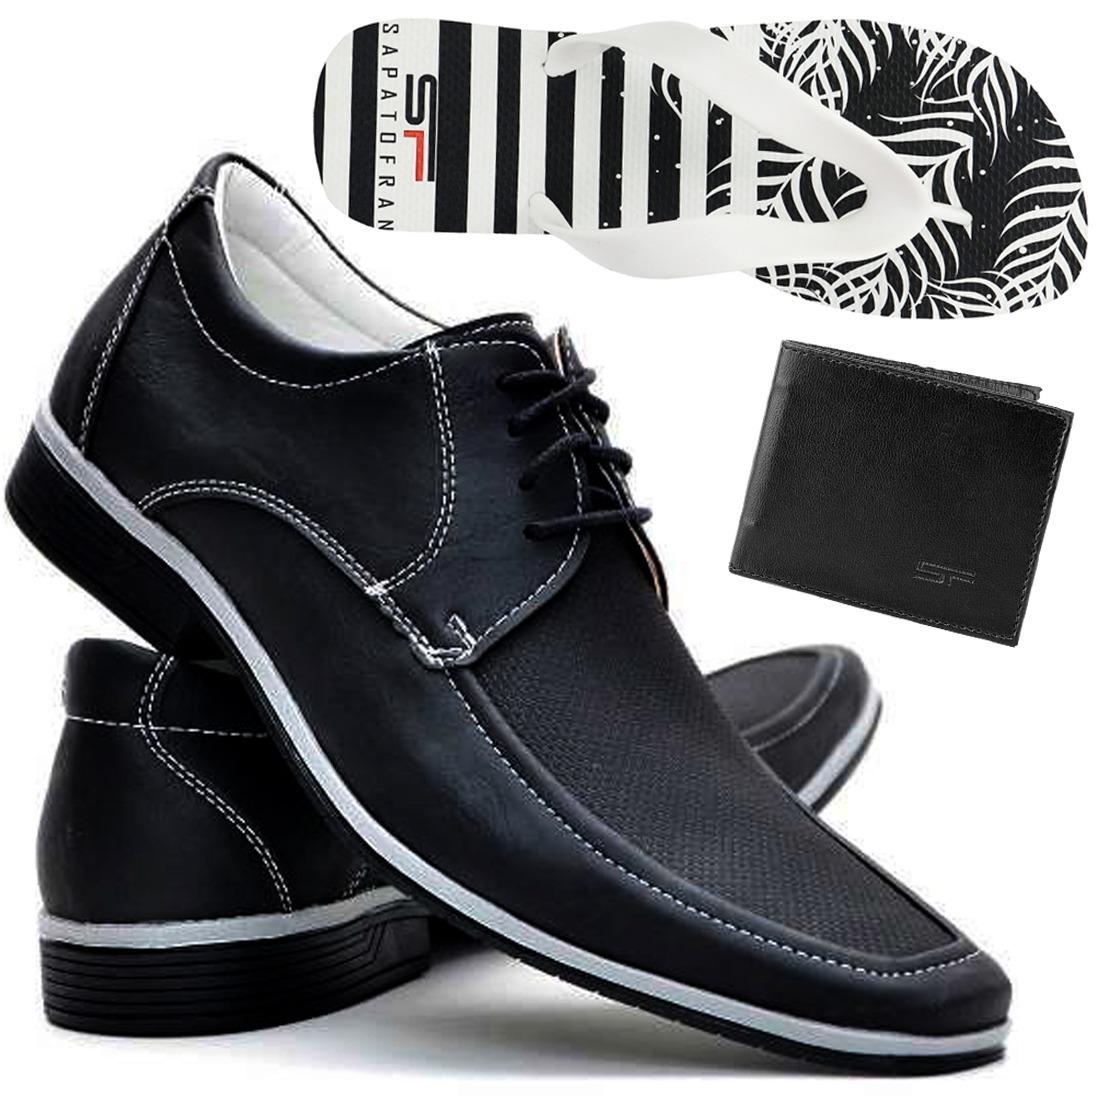 d44a4dc81 kit sapato social masculino bico fino + brindes 12x sem juro. Carregando  zoom.